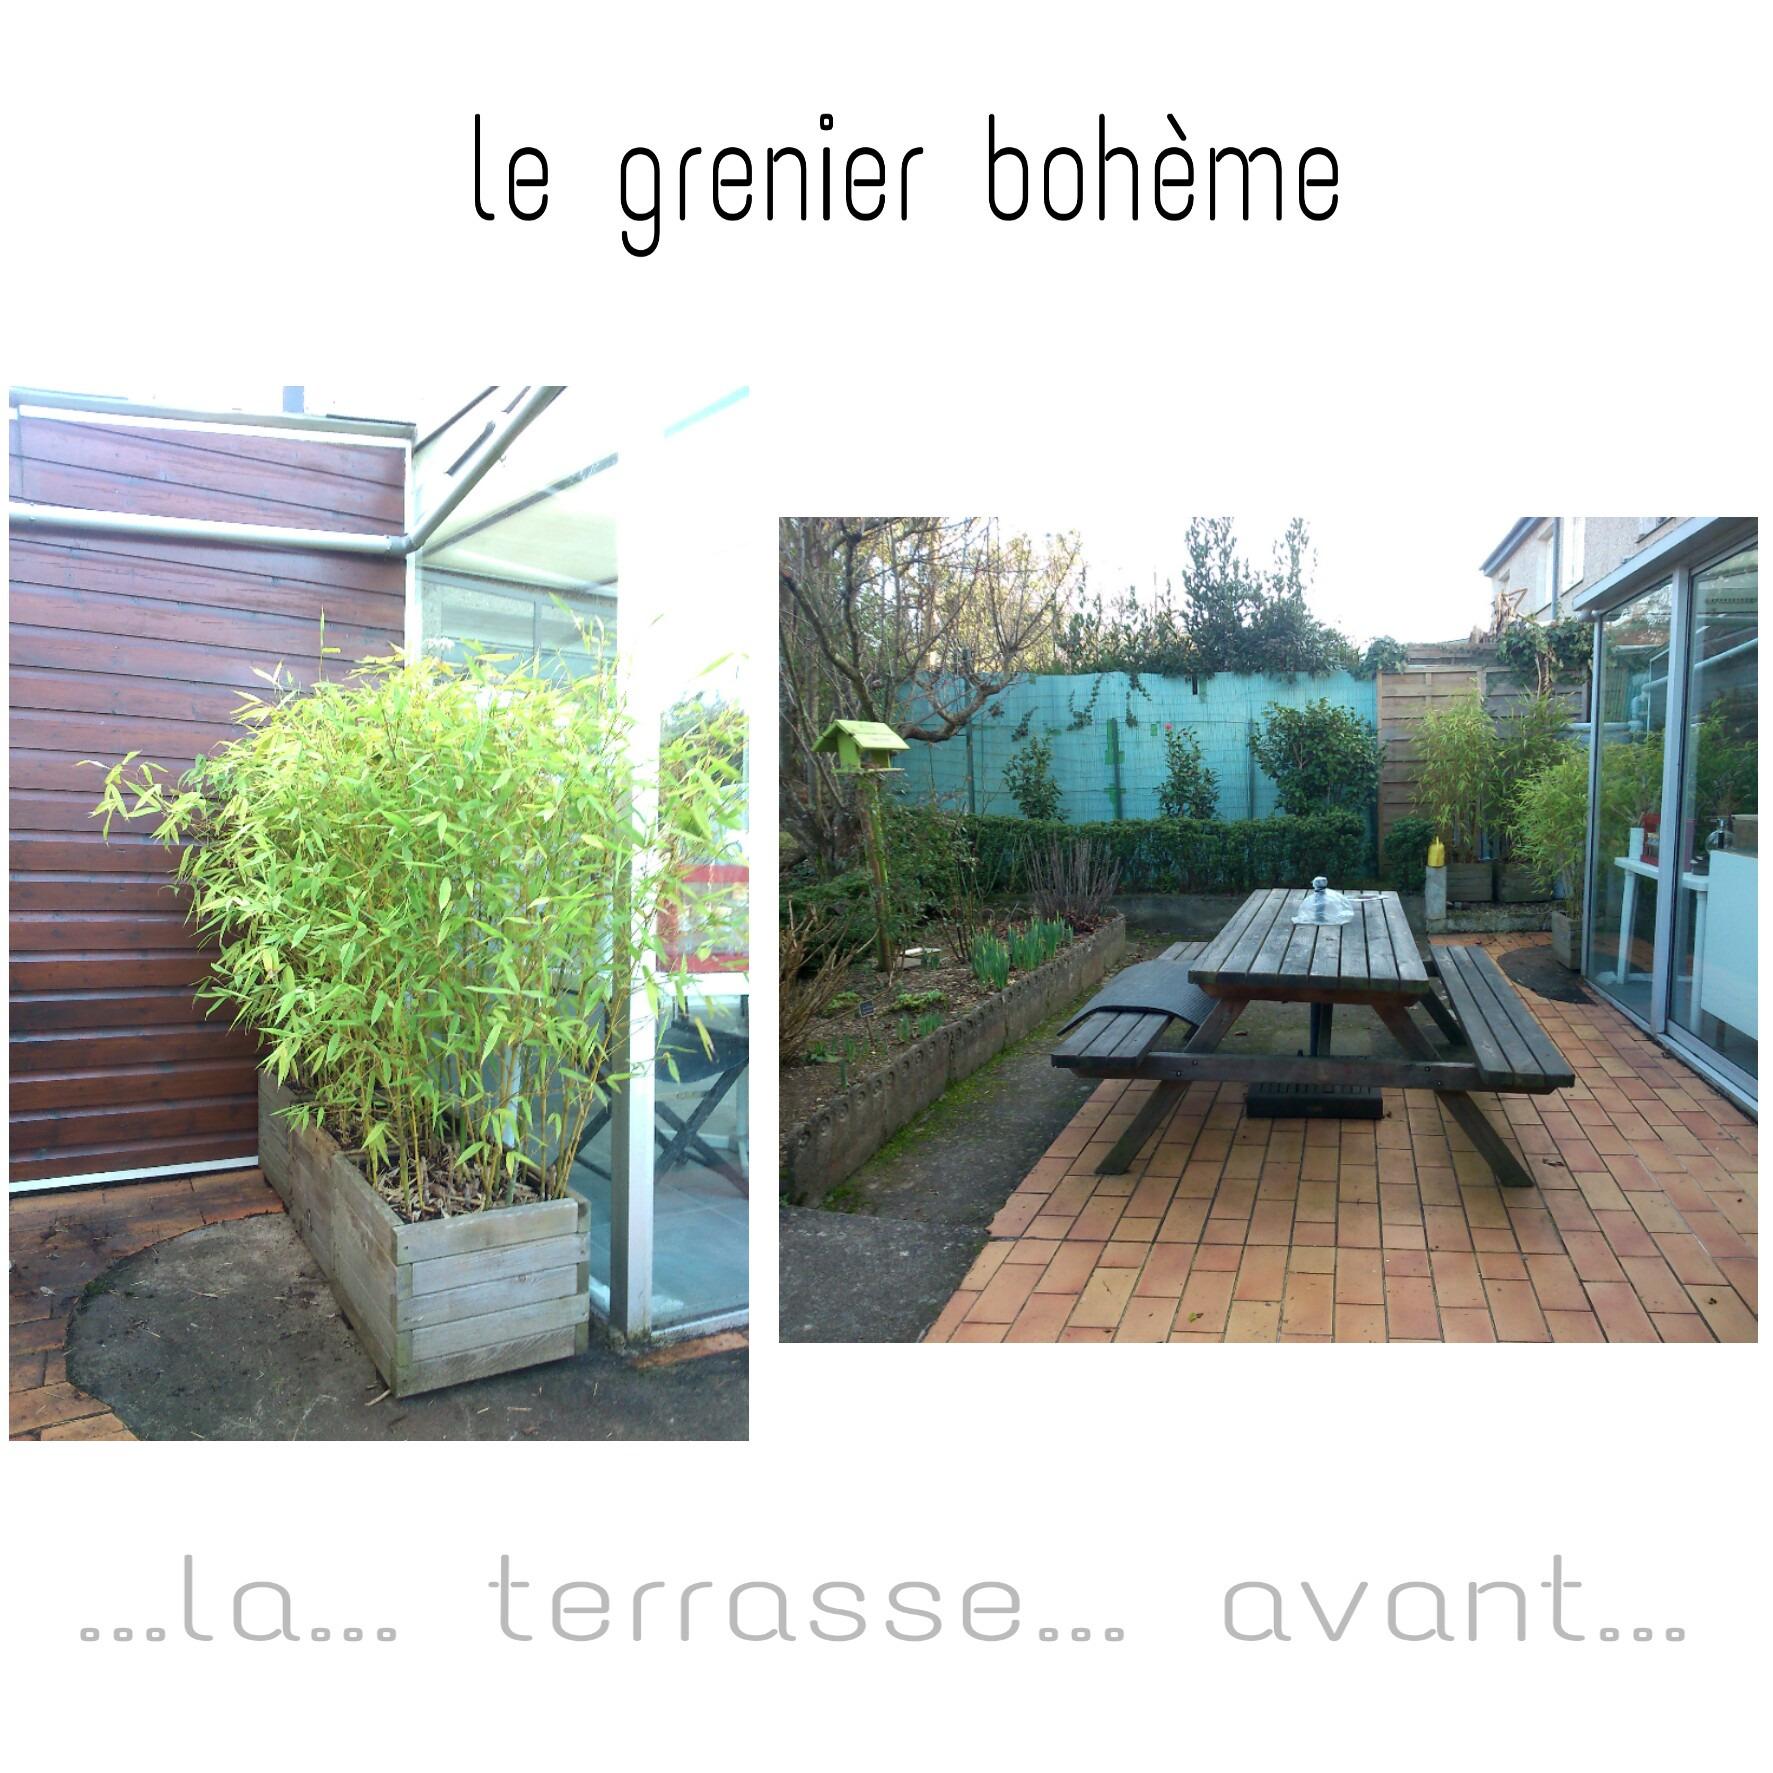 """Table De Jardin Gris Anthracite Nouveau Une Terrasse """" Le Début D Un Long Parcours """" Le Grenier Boh¨me Of 27 Beau Table De Jardin Gris Anthracite"""